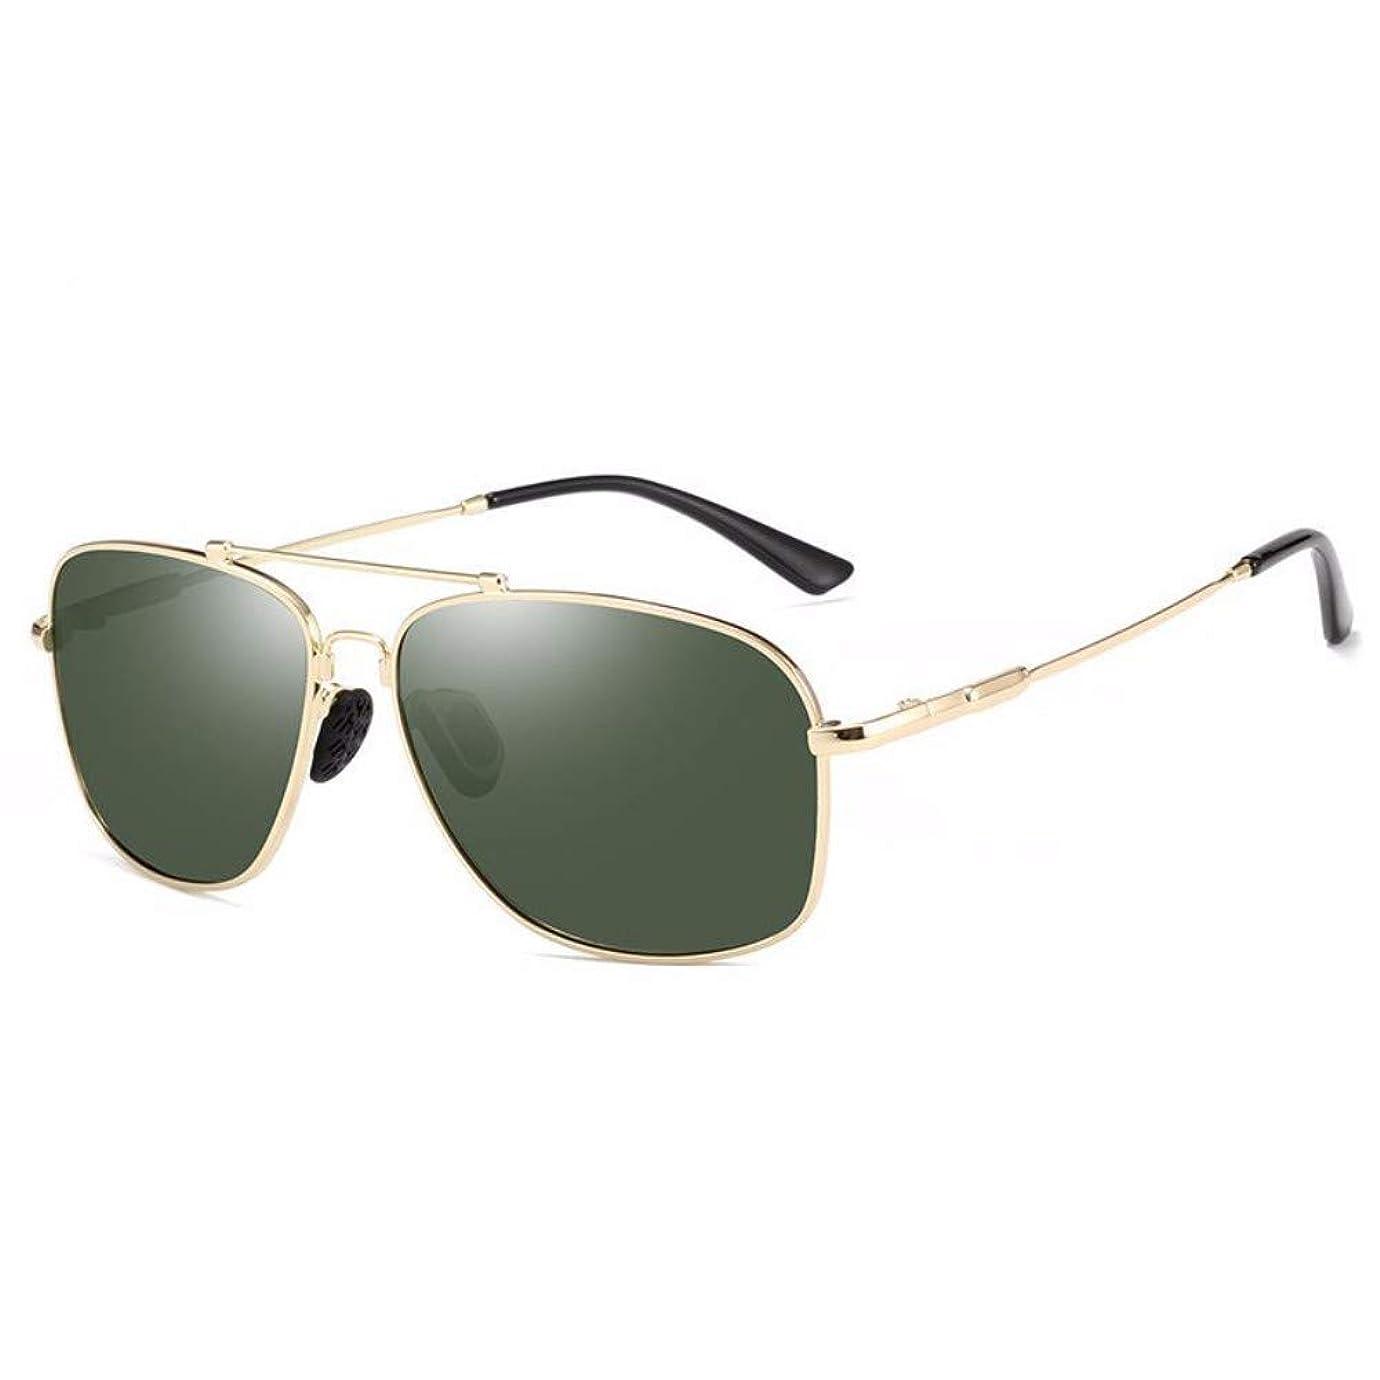 クリスチャン離婚更新するZZXIA-サングラス 男性の偏光鏡の外で車を運転してサングラスのブロックの復古の太陽の眼鏡を運転します